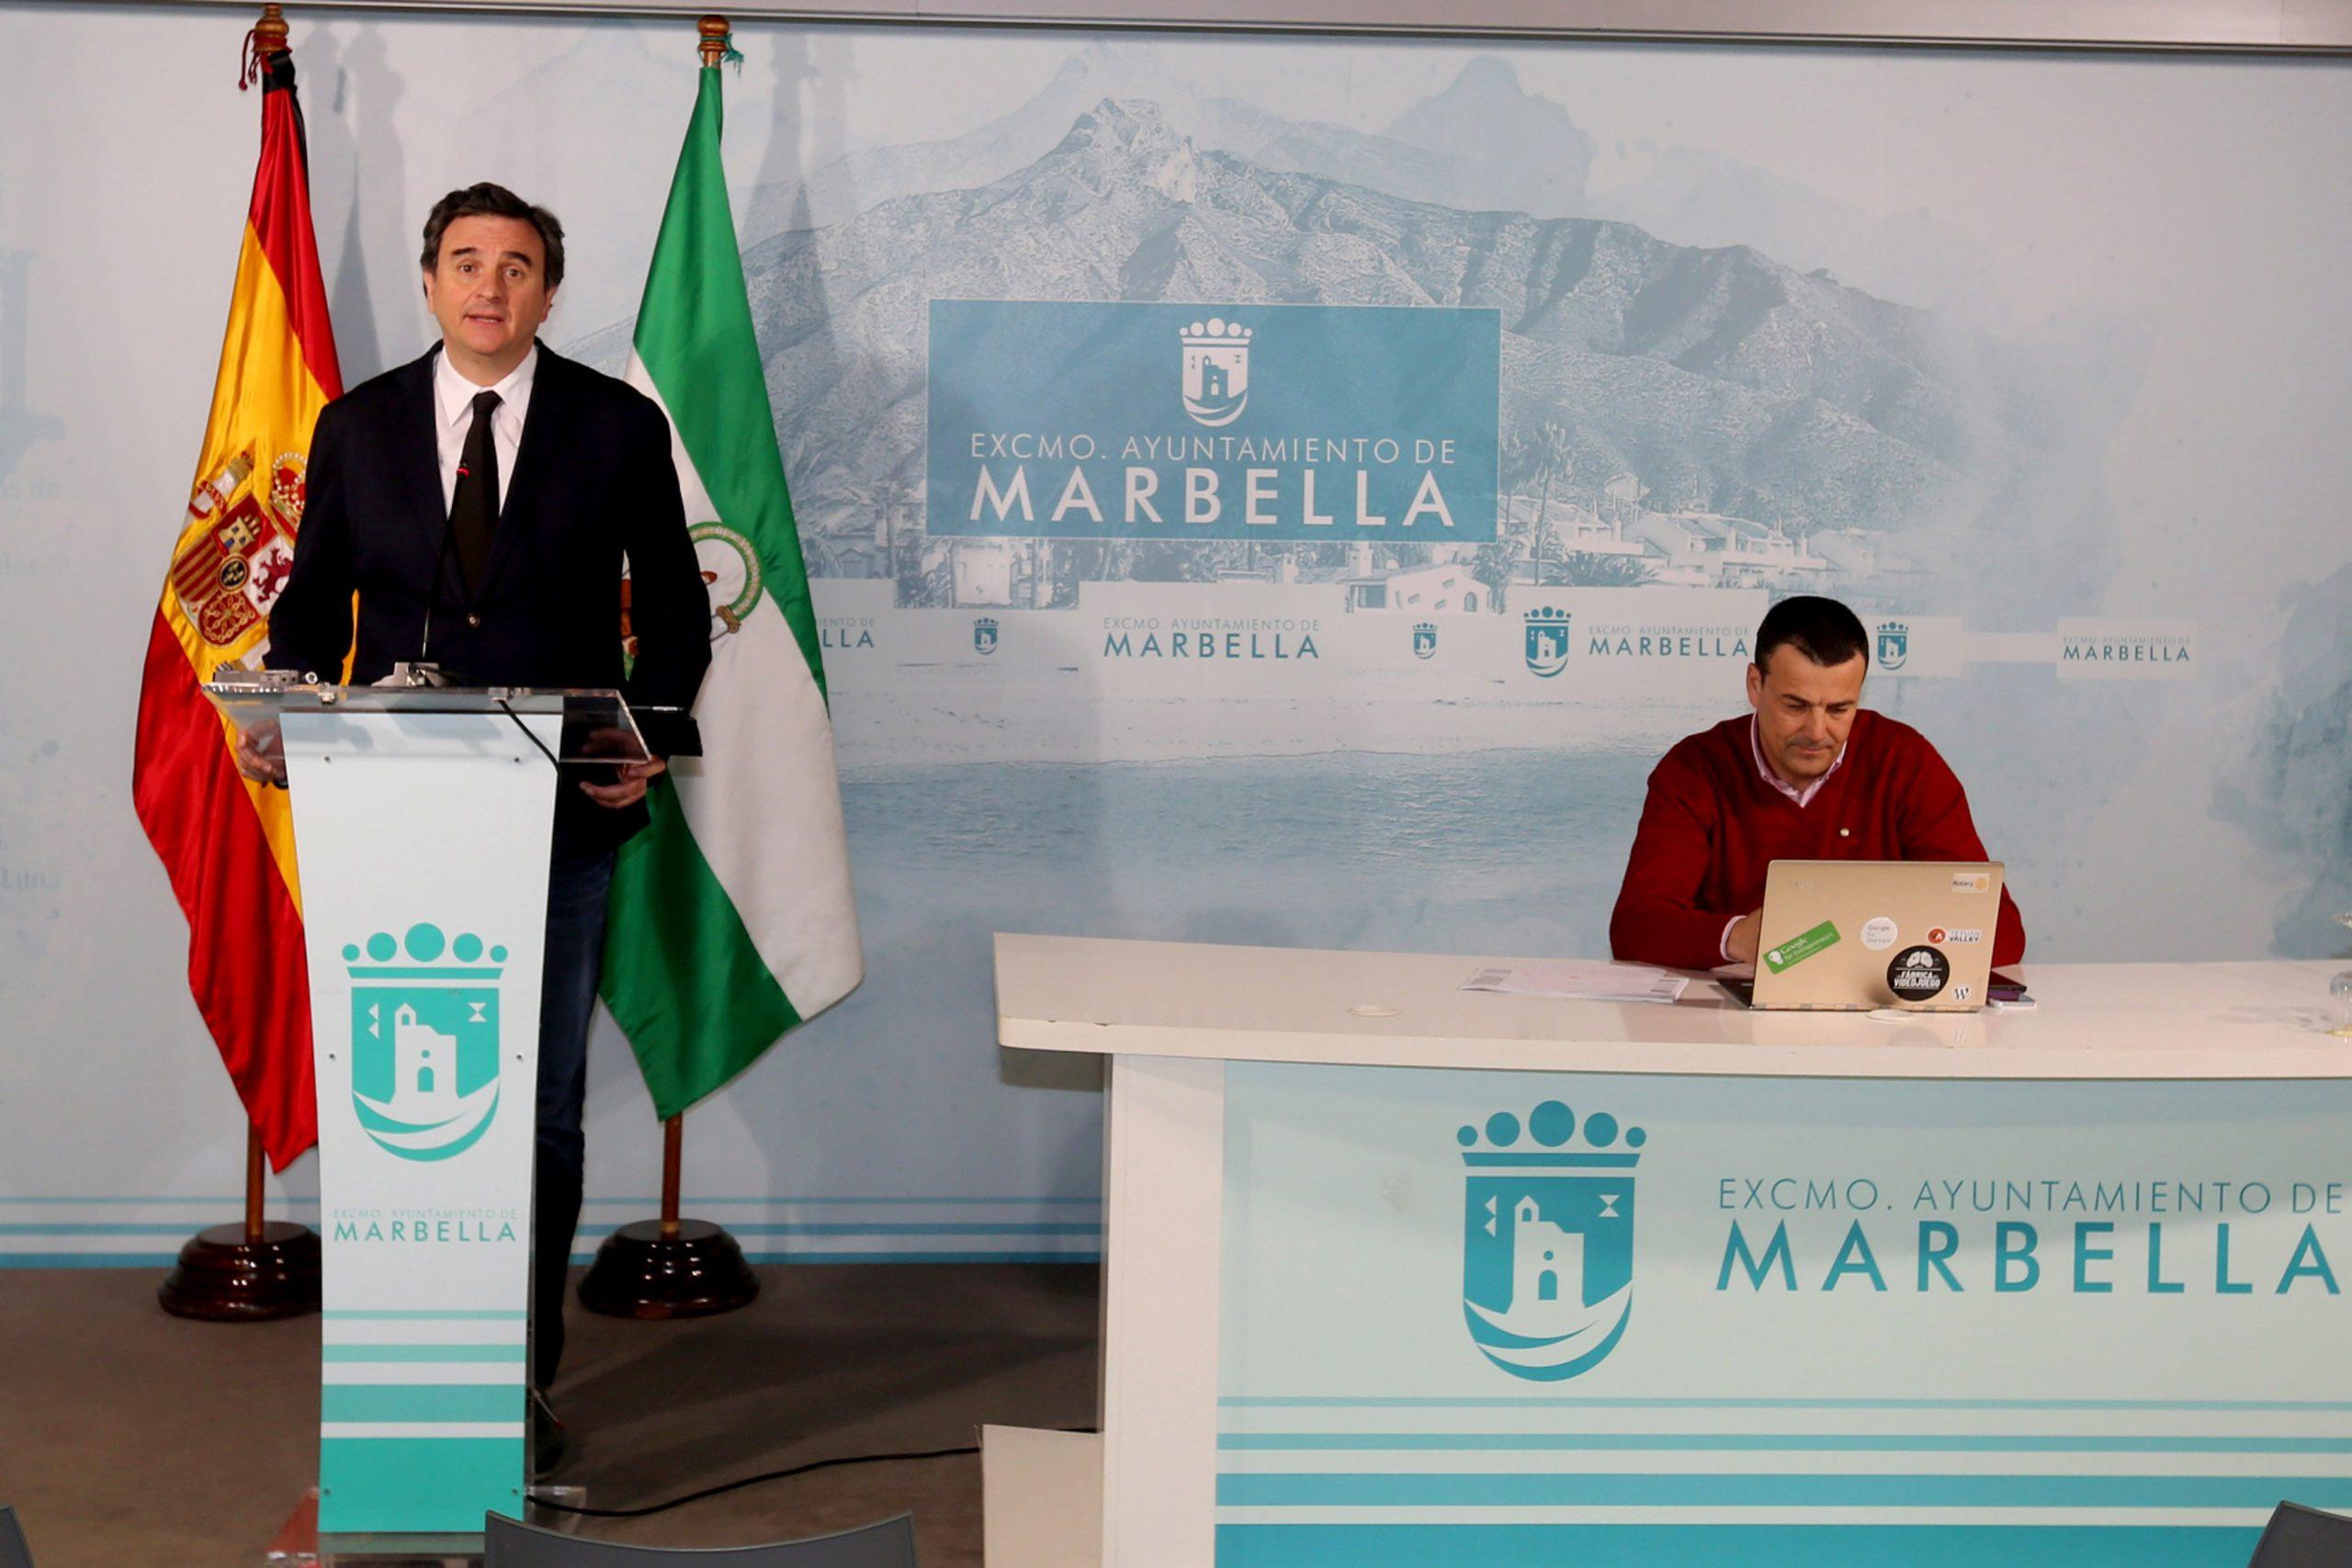 Marbella anuncia un Plan de Apoyo al Comercio Minorista para relanzar el sector frente al Covid-19